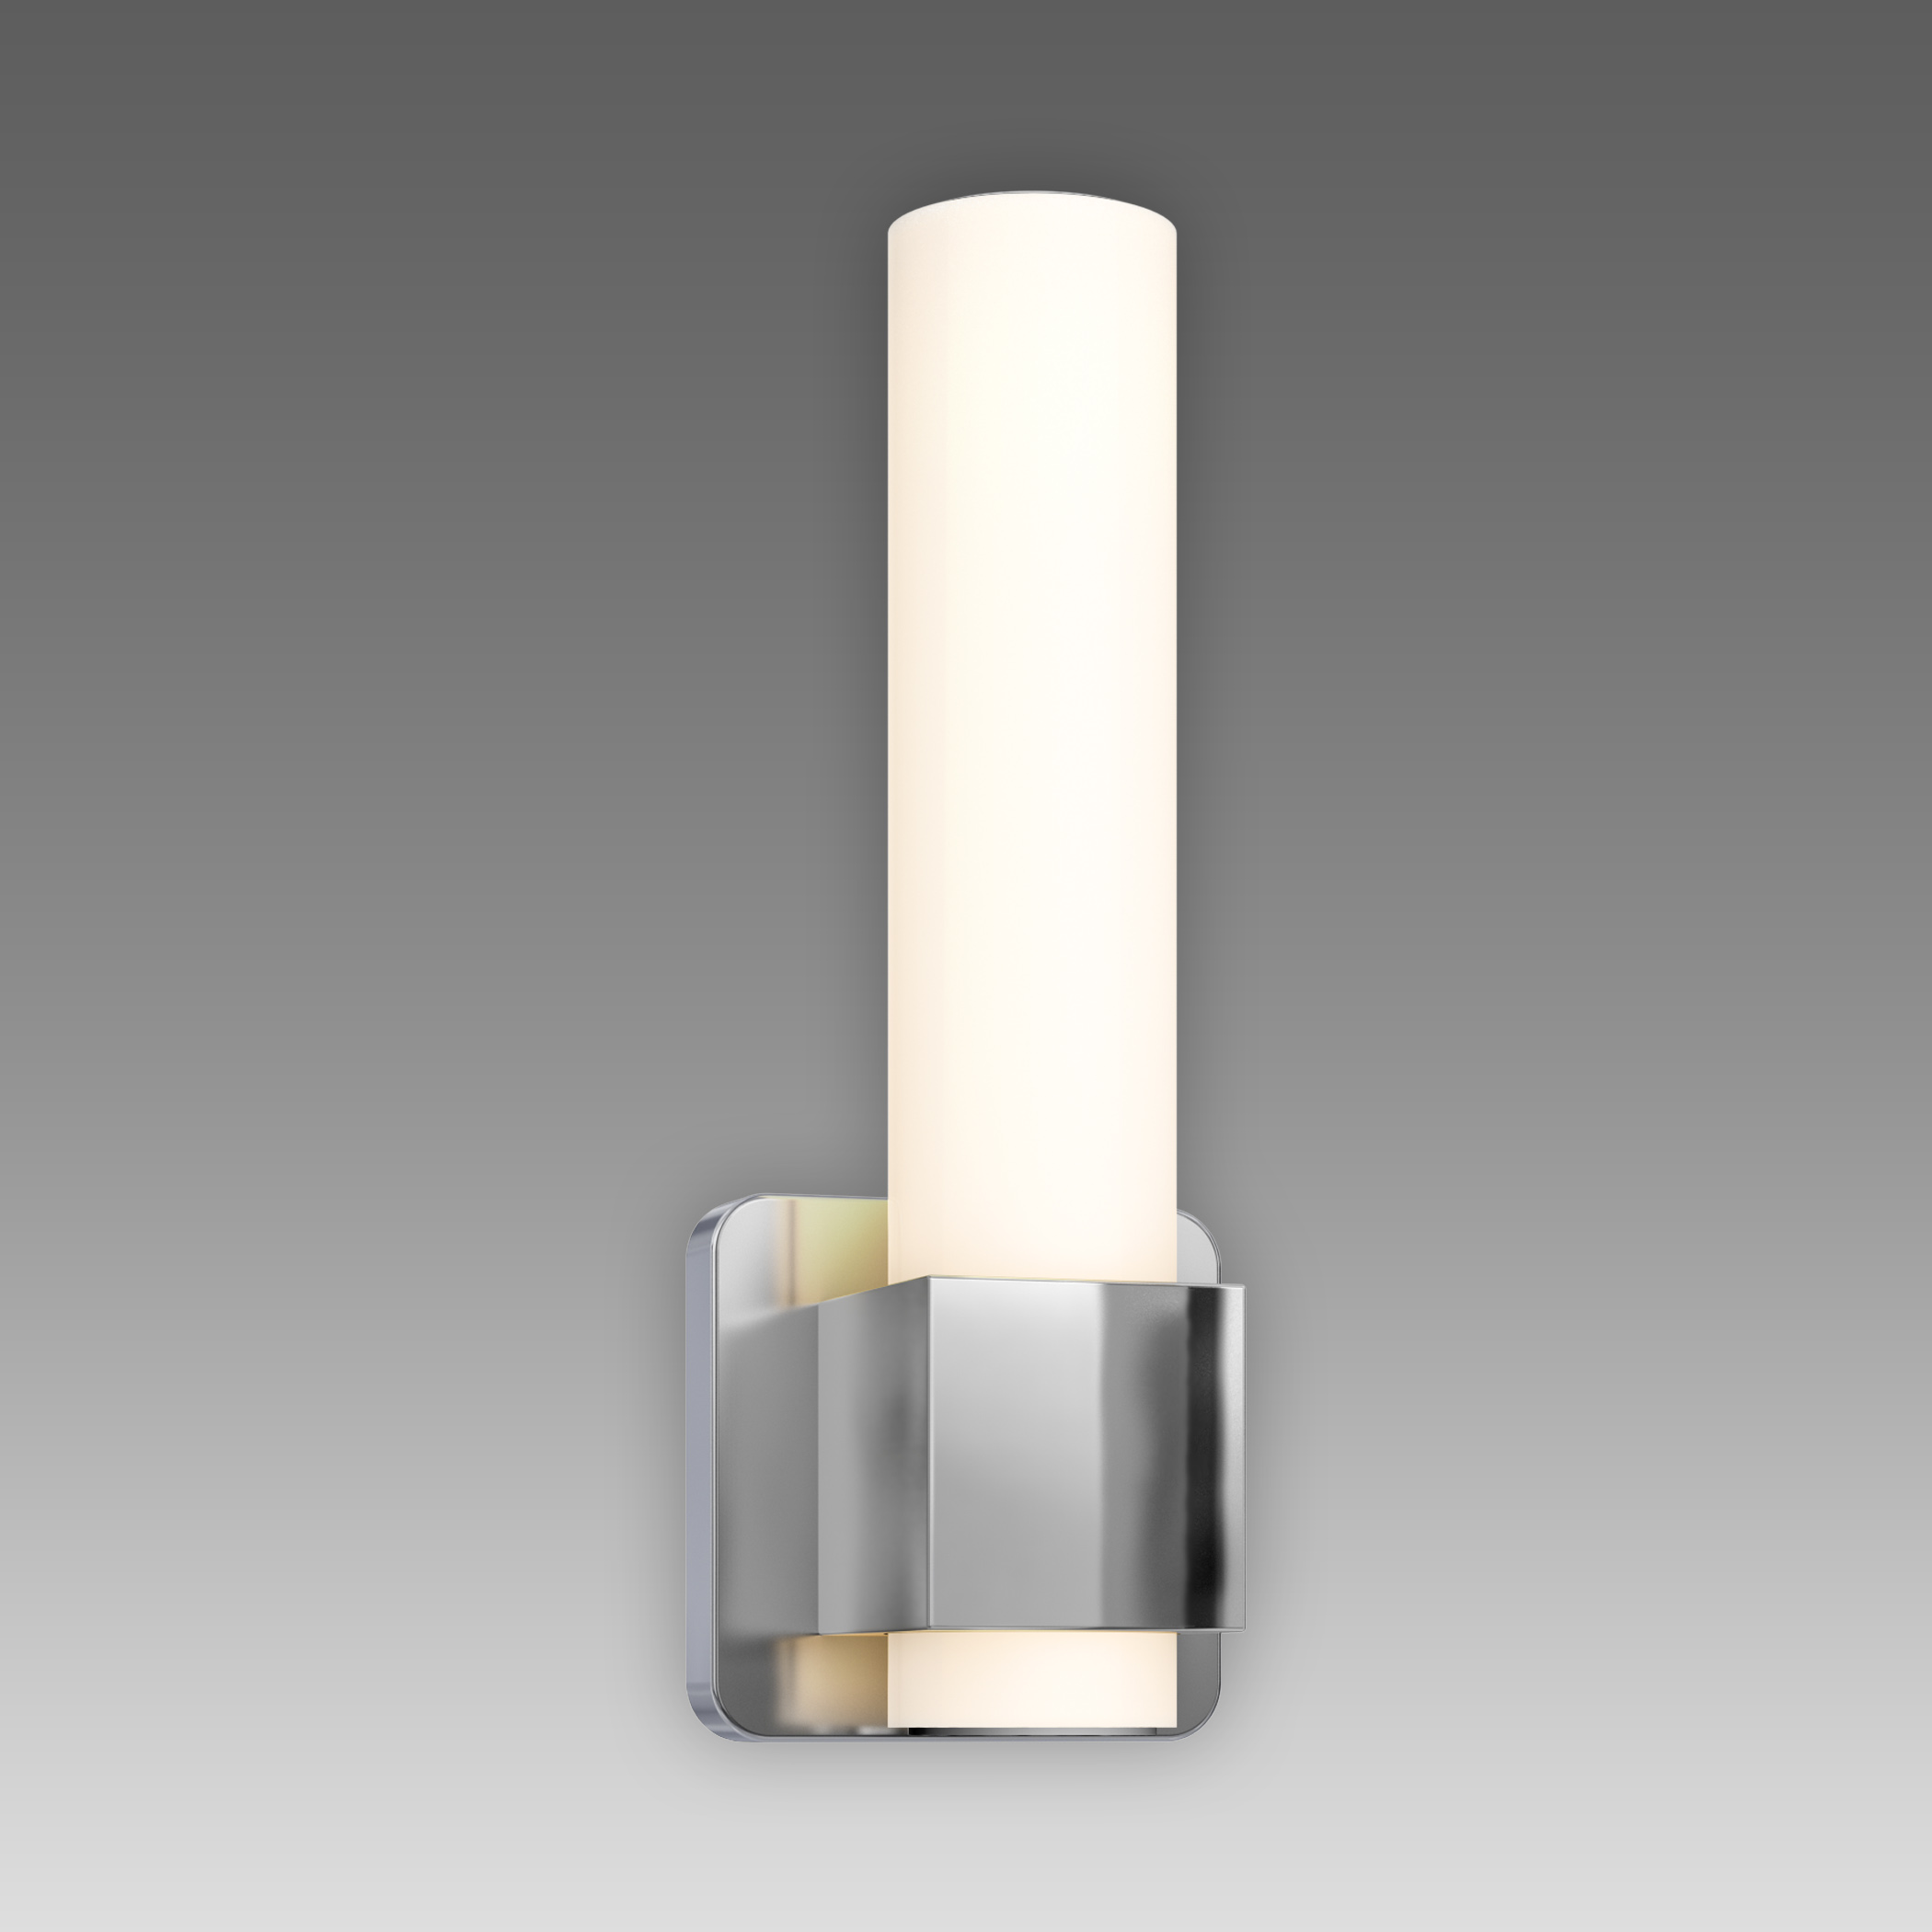 """DALS Lighting, Inc. """"12"""""""" Round Glass Lens LED  Vanity Light: LEDVAN002-12"""""""